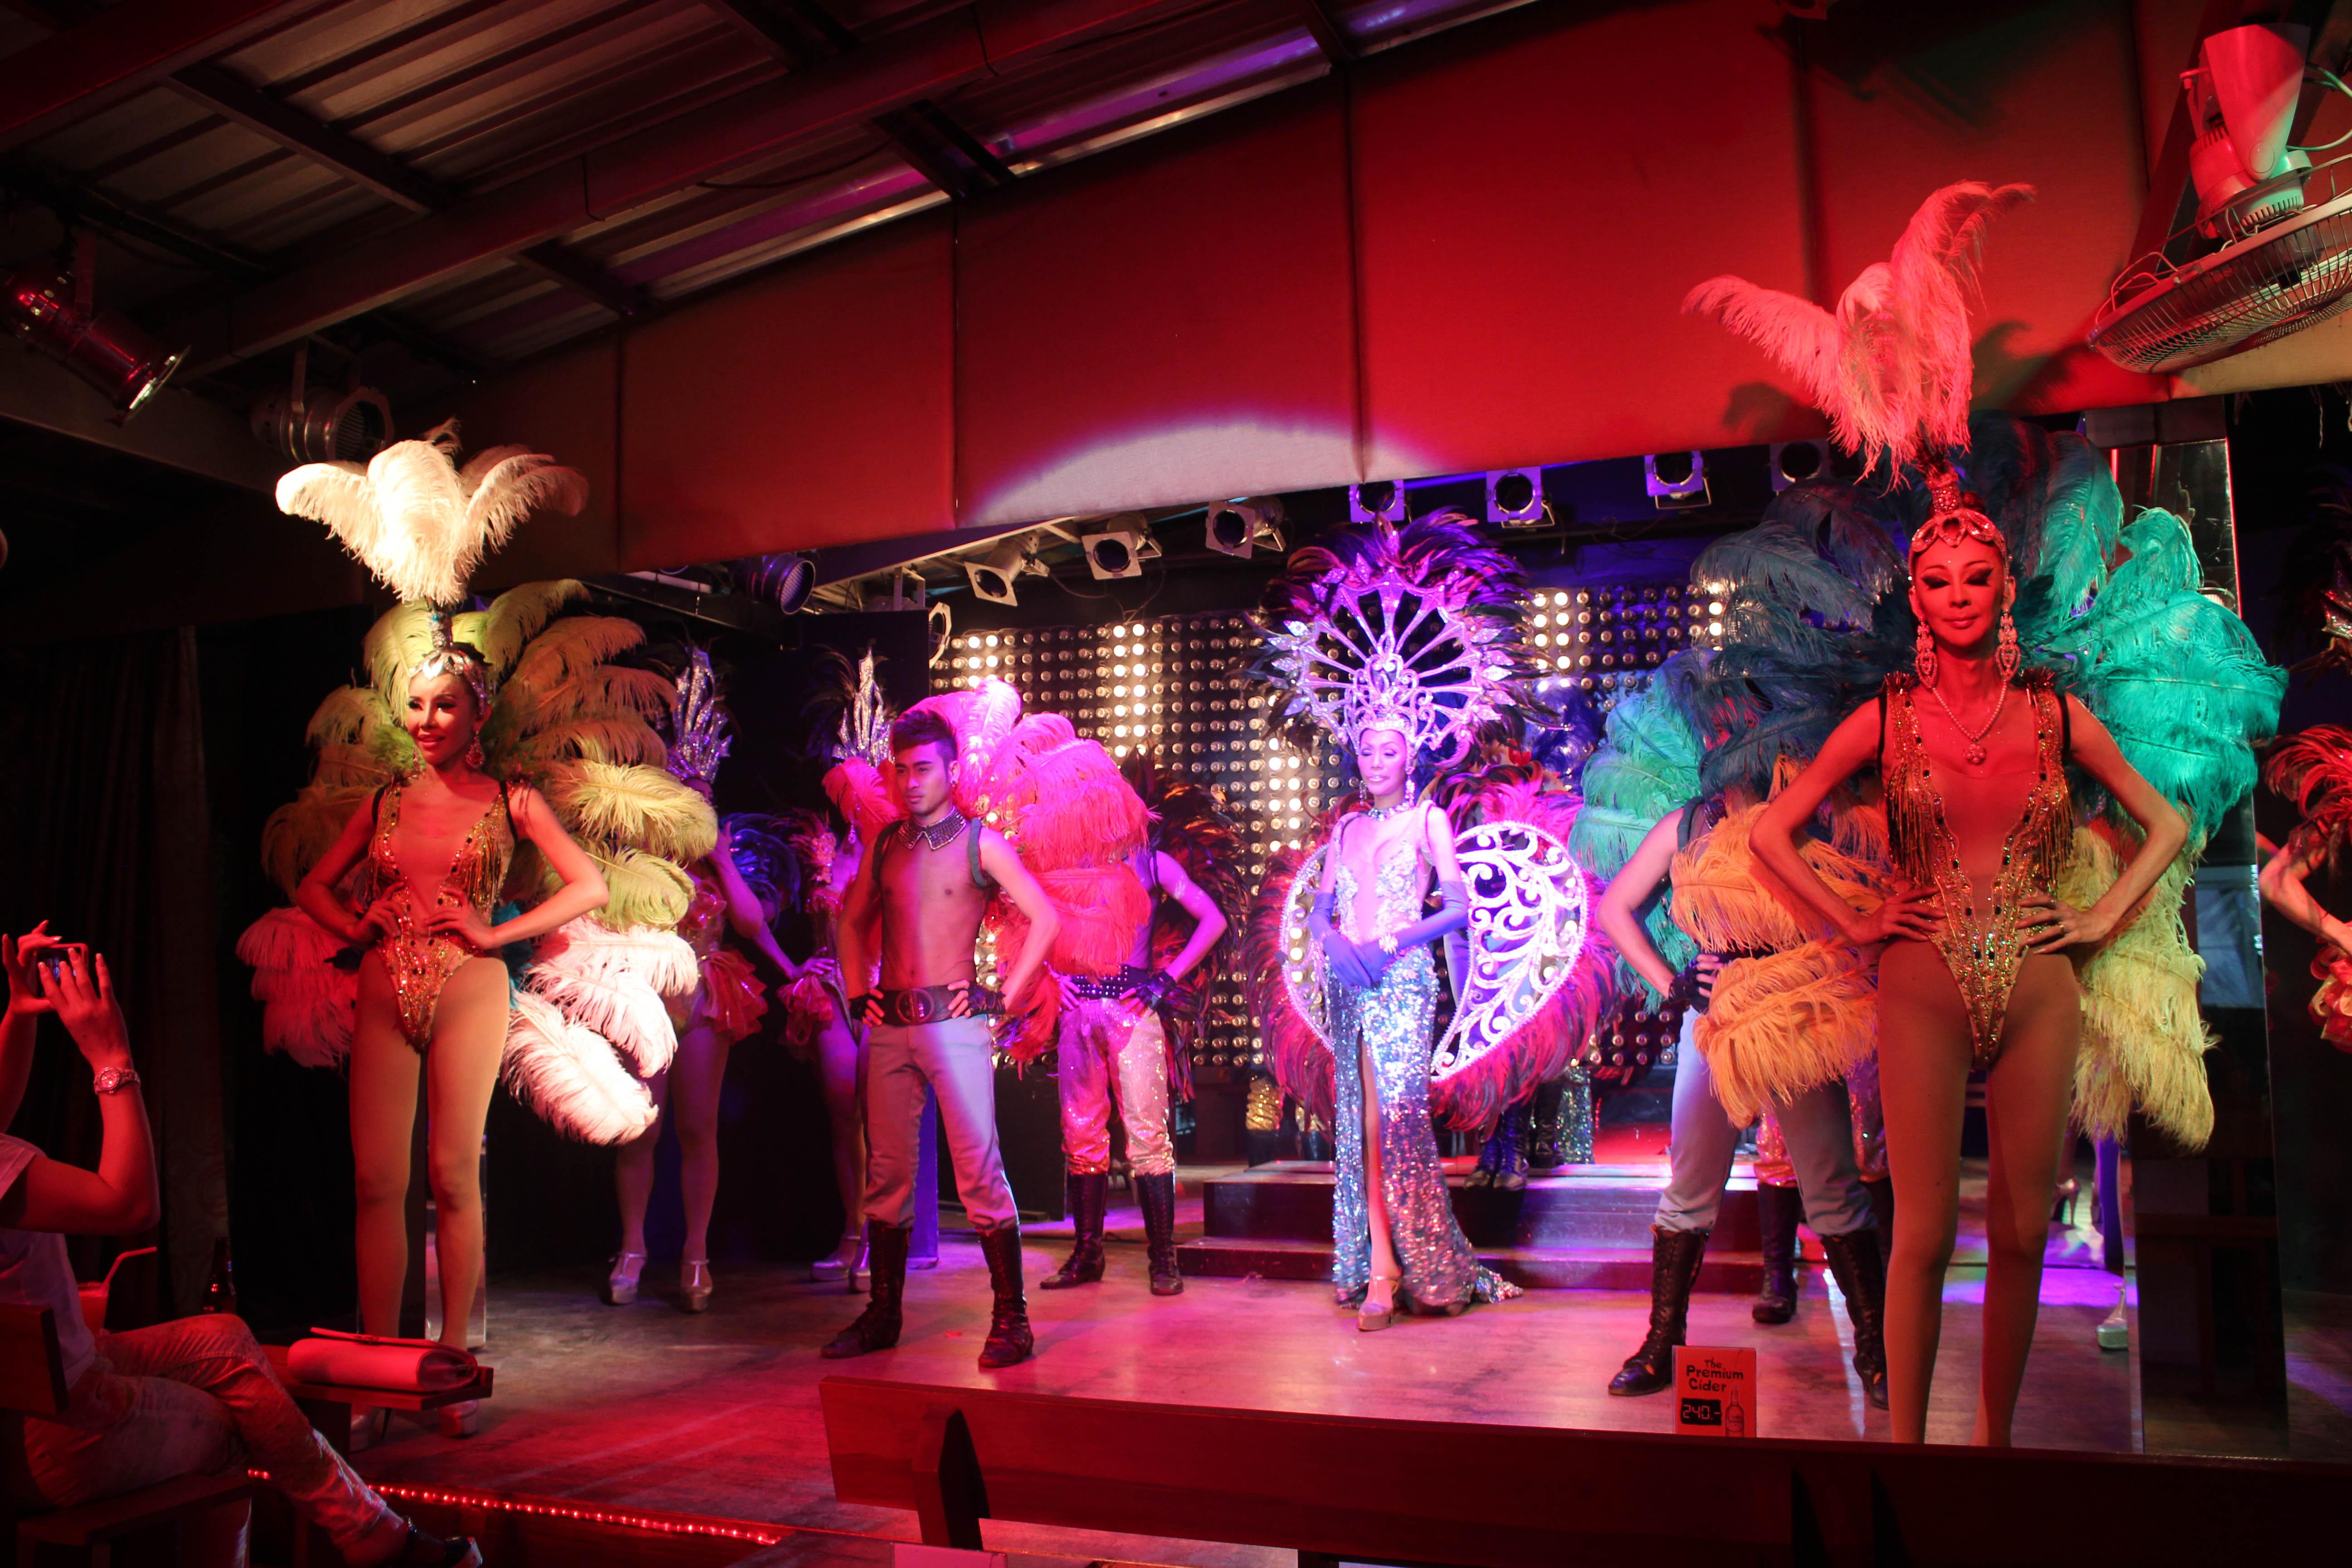 Ladyboy show phuket thailand-3014